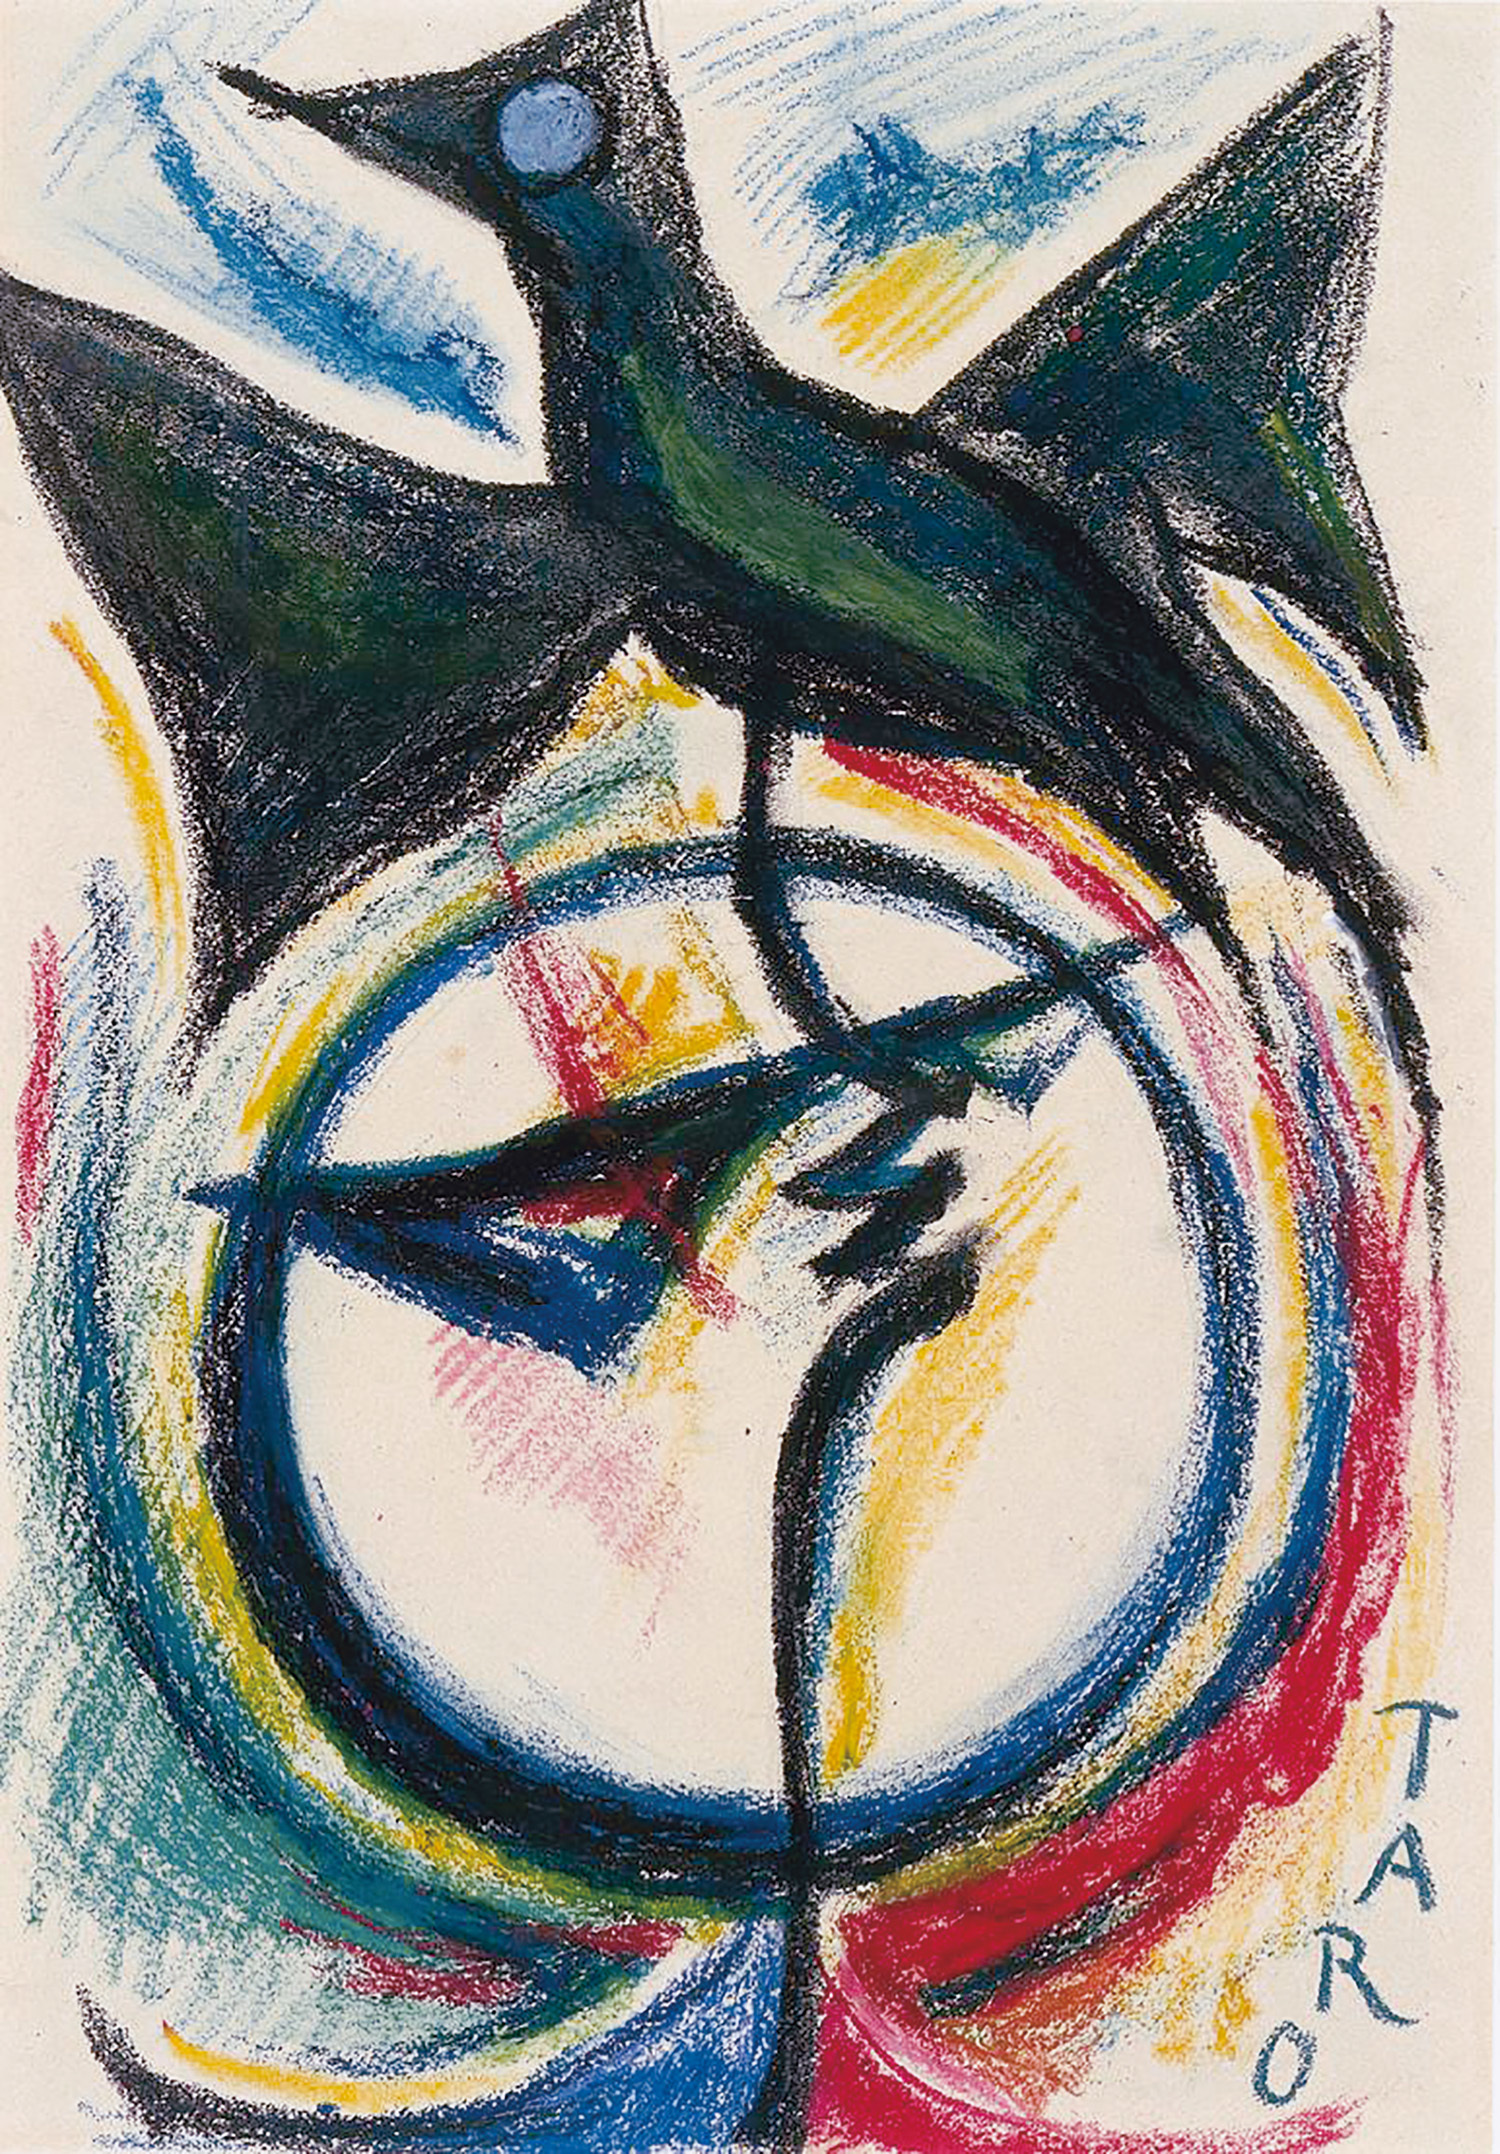 岡本太郎《鳥と太陽》 制作年不明35.6×25.3cmサクラアートミュージアム蔵